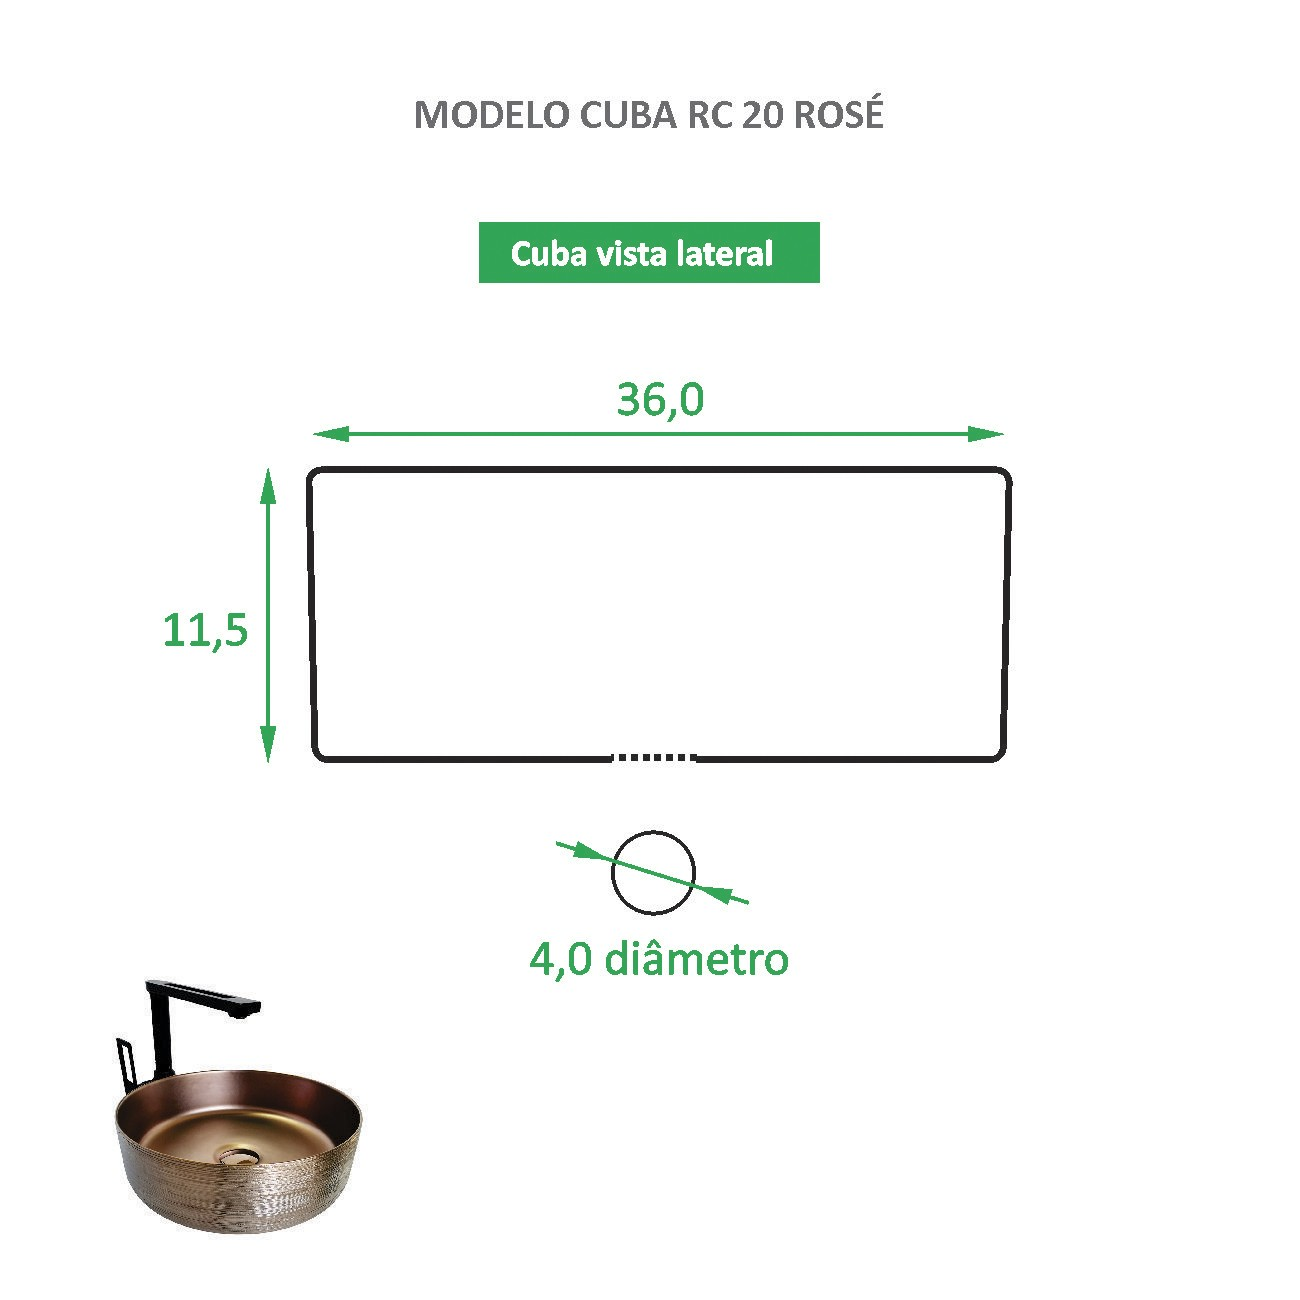 Cuba de Apoio Cerâmica Reno RC 20 Rose gold - Lançamento!